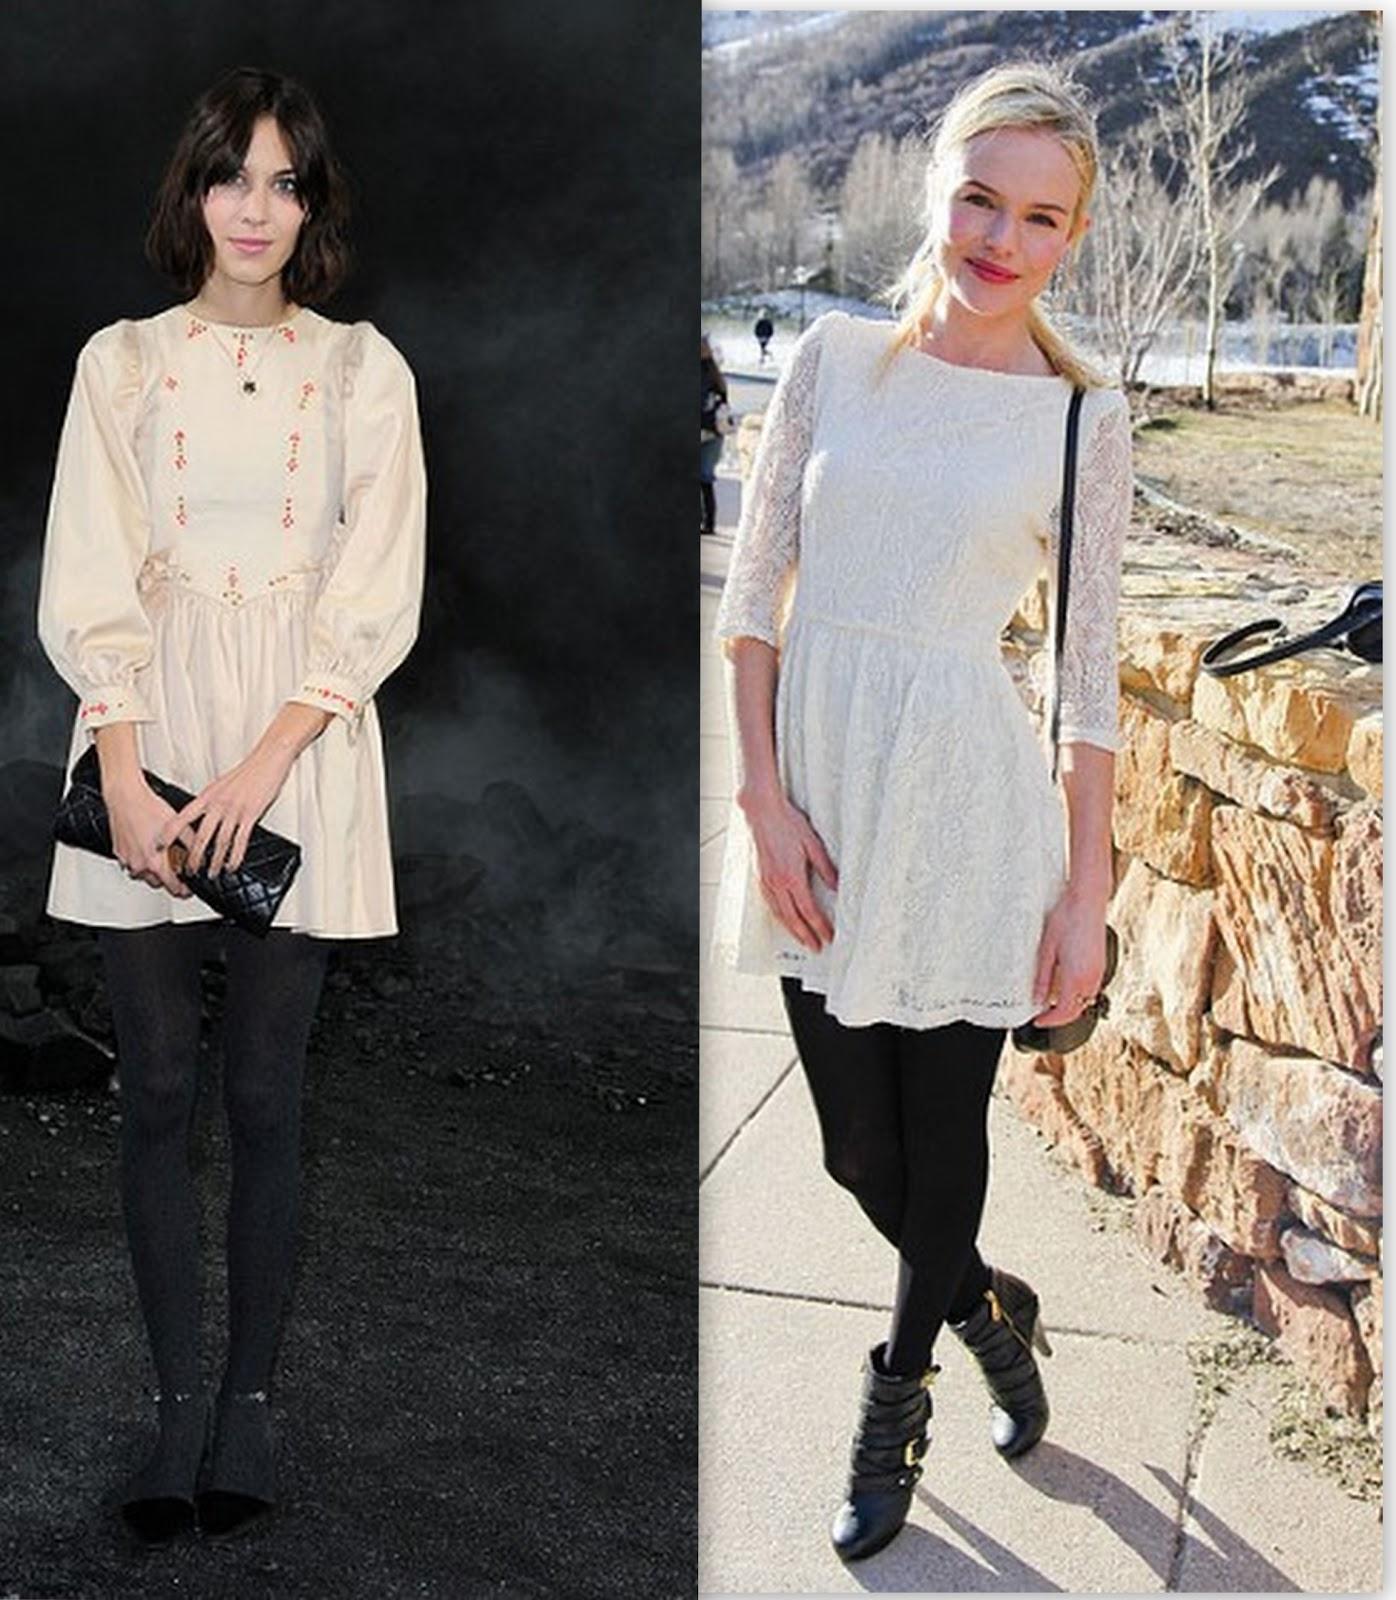 http://2.bp.blogspot.com/-XWnEcLXOxGM/TbD-nUBbvVI/AAAAAAAAAdY/DXJ2d7e5ZjQ/s1600/white+dress1.jpg